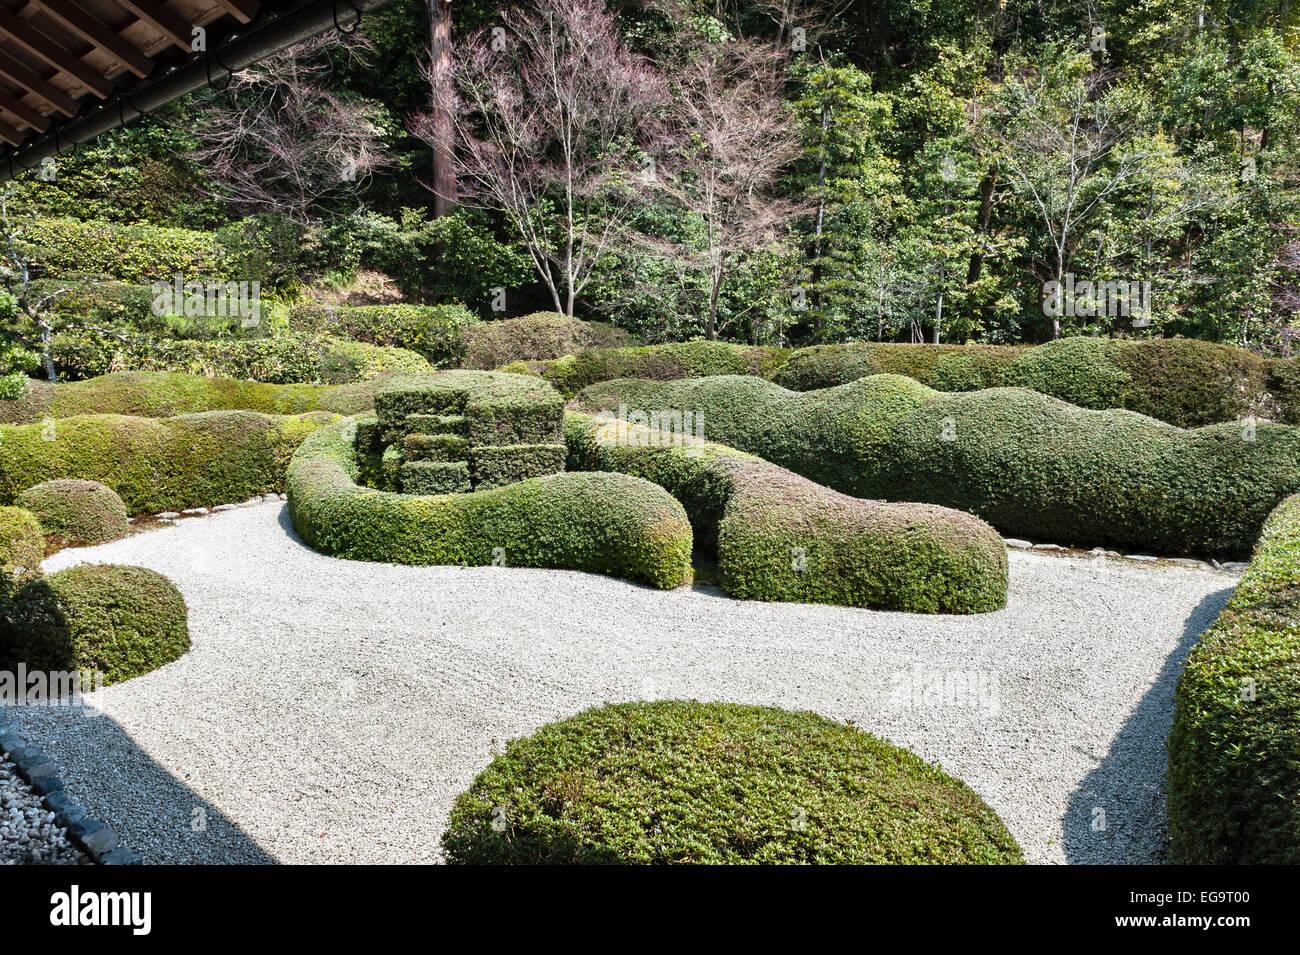 Daichi-ji Zen Buddhist temple, Shiga, Japan. The 17c Horai garden by Kobori Enshu with its clipped azaleas - Stock Image